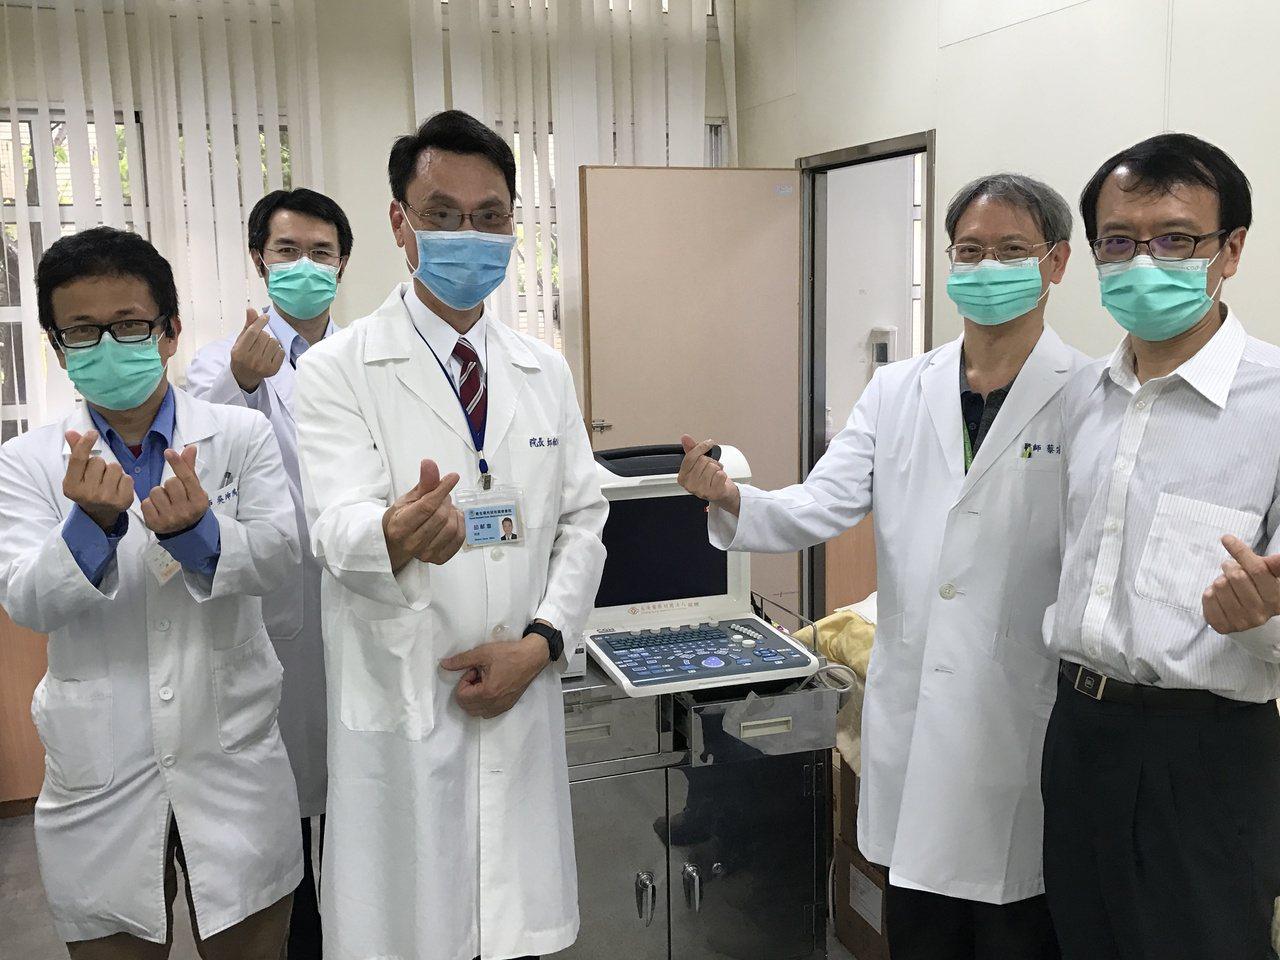 為助藥癮病患 桃療與桃醫攜手設「肝膽腸胃科」門診